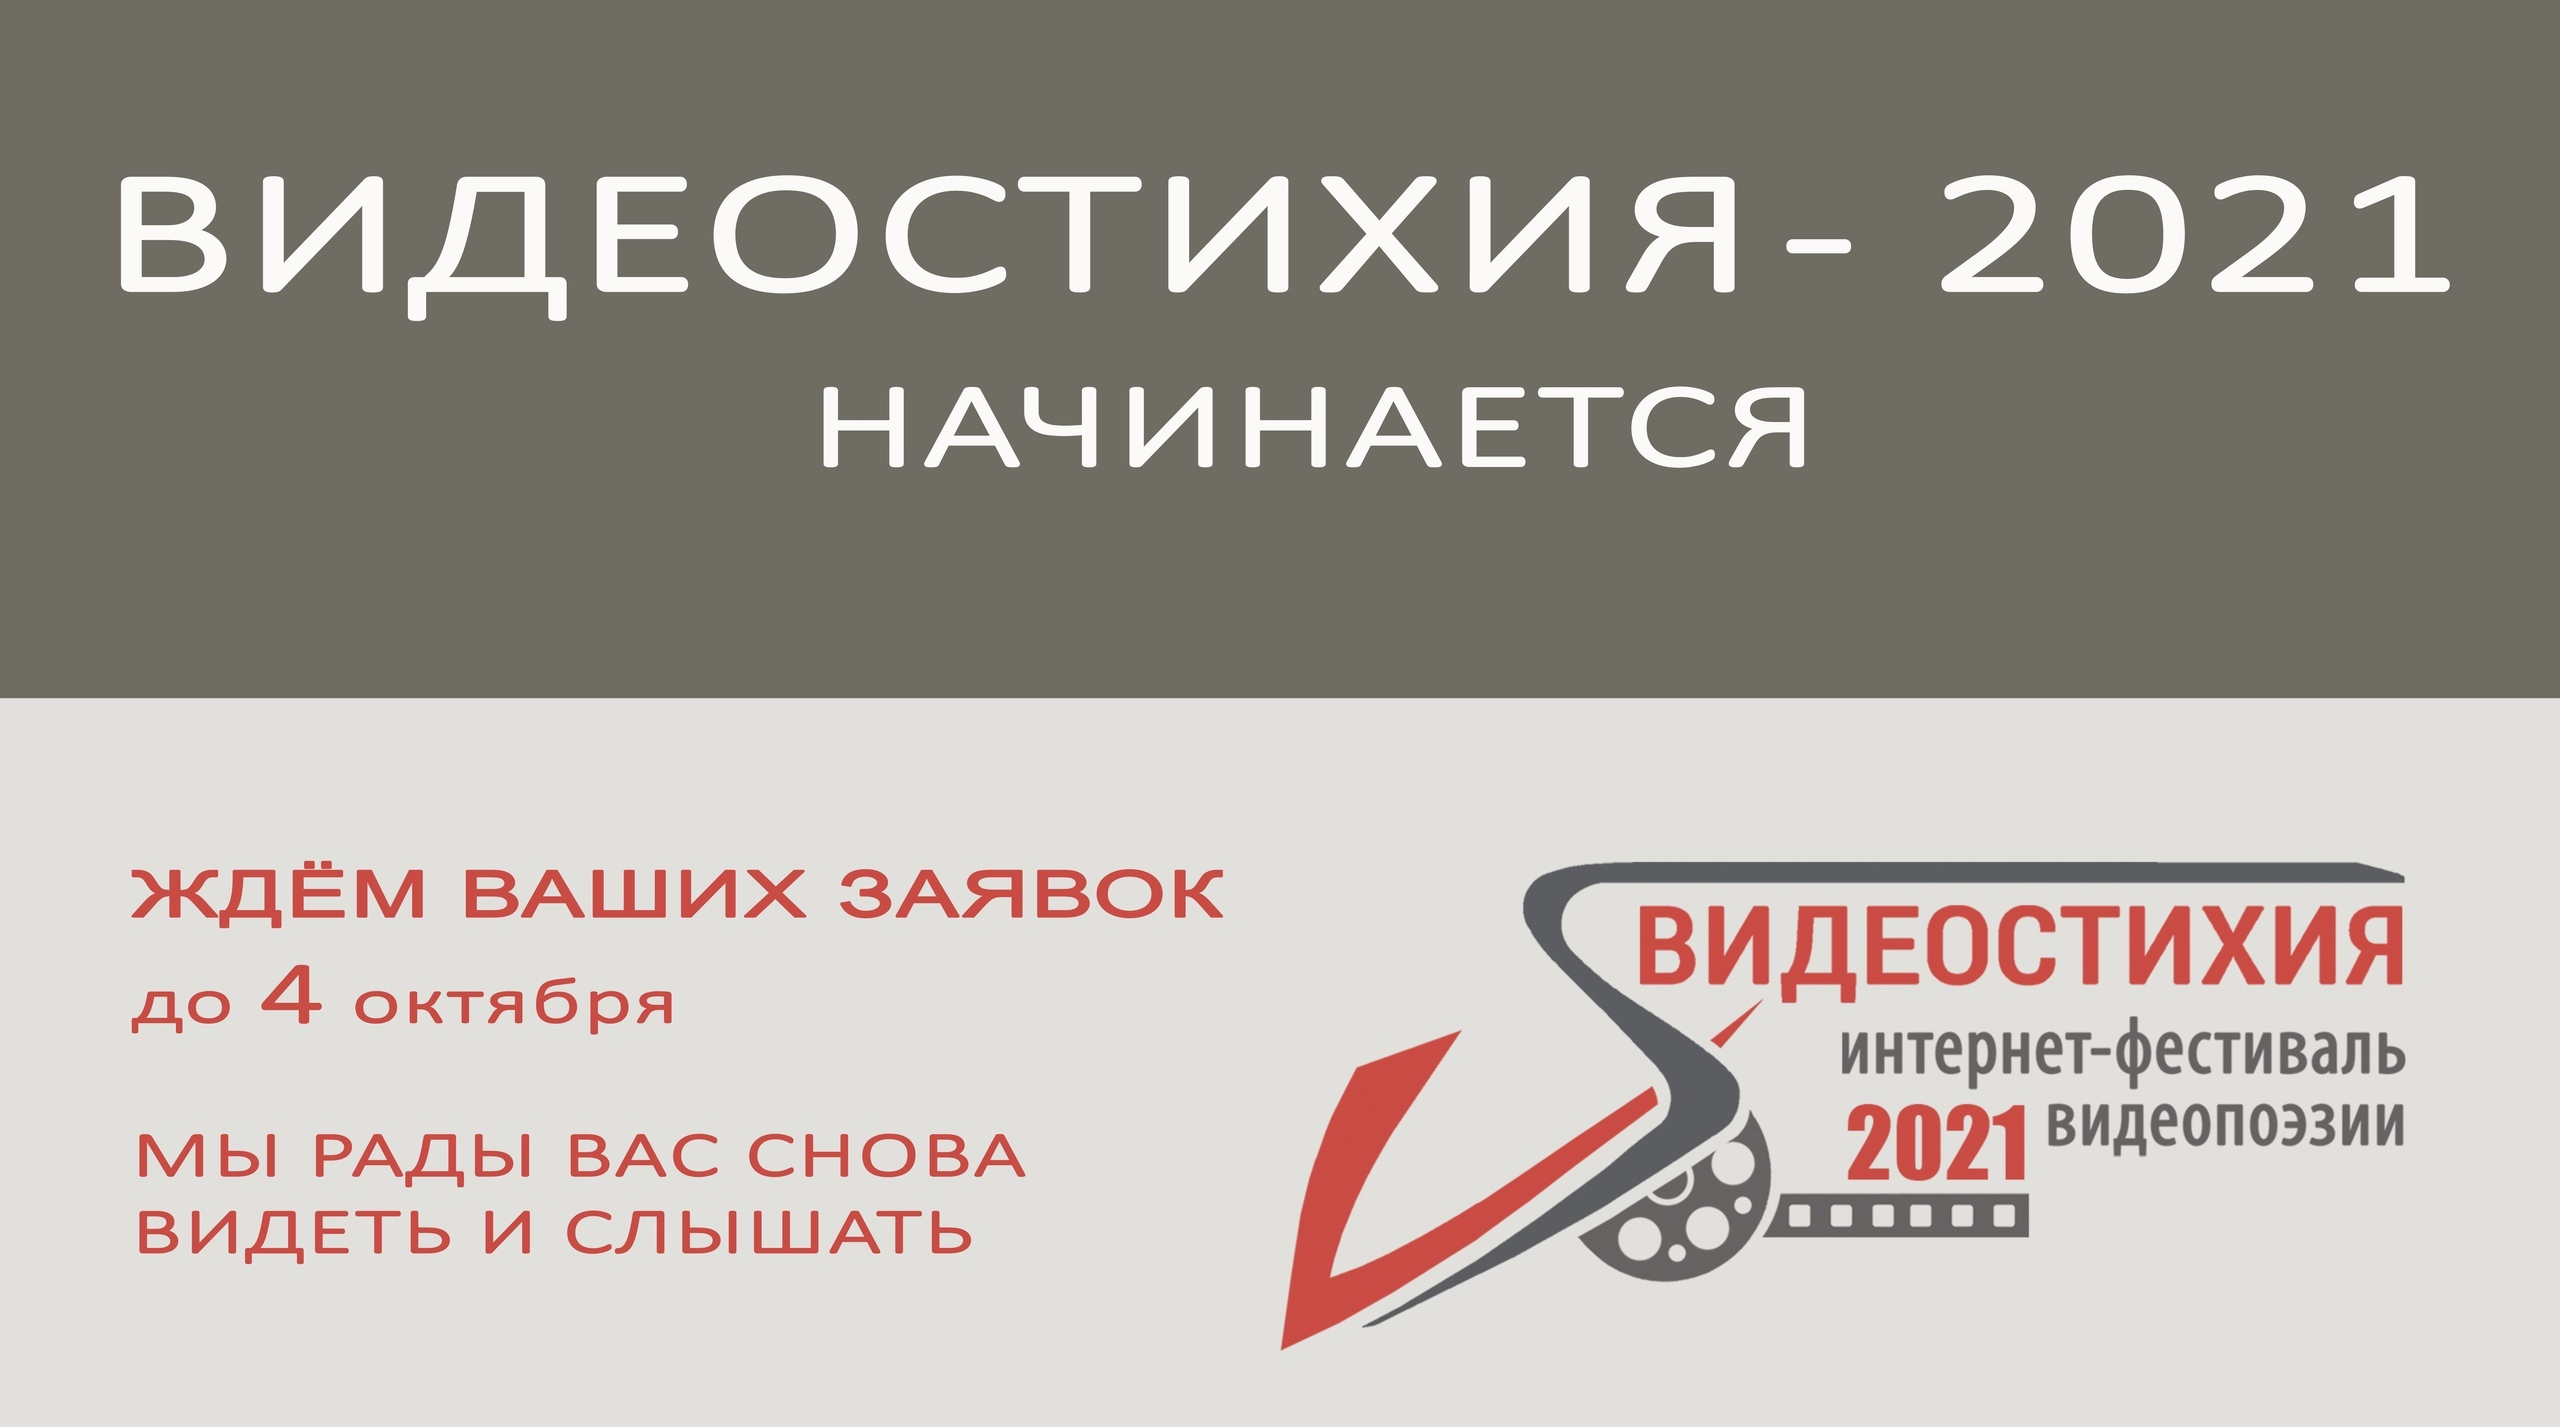 Фестиваль видеопоэзии«ВИДЕОСТИХИЯ — 2021»